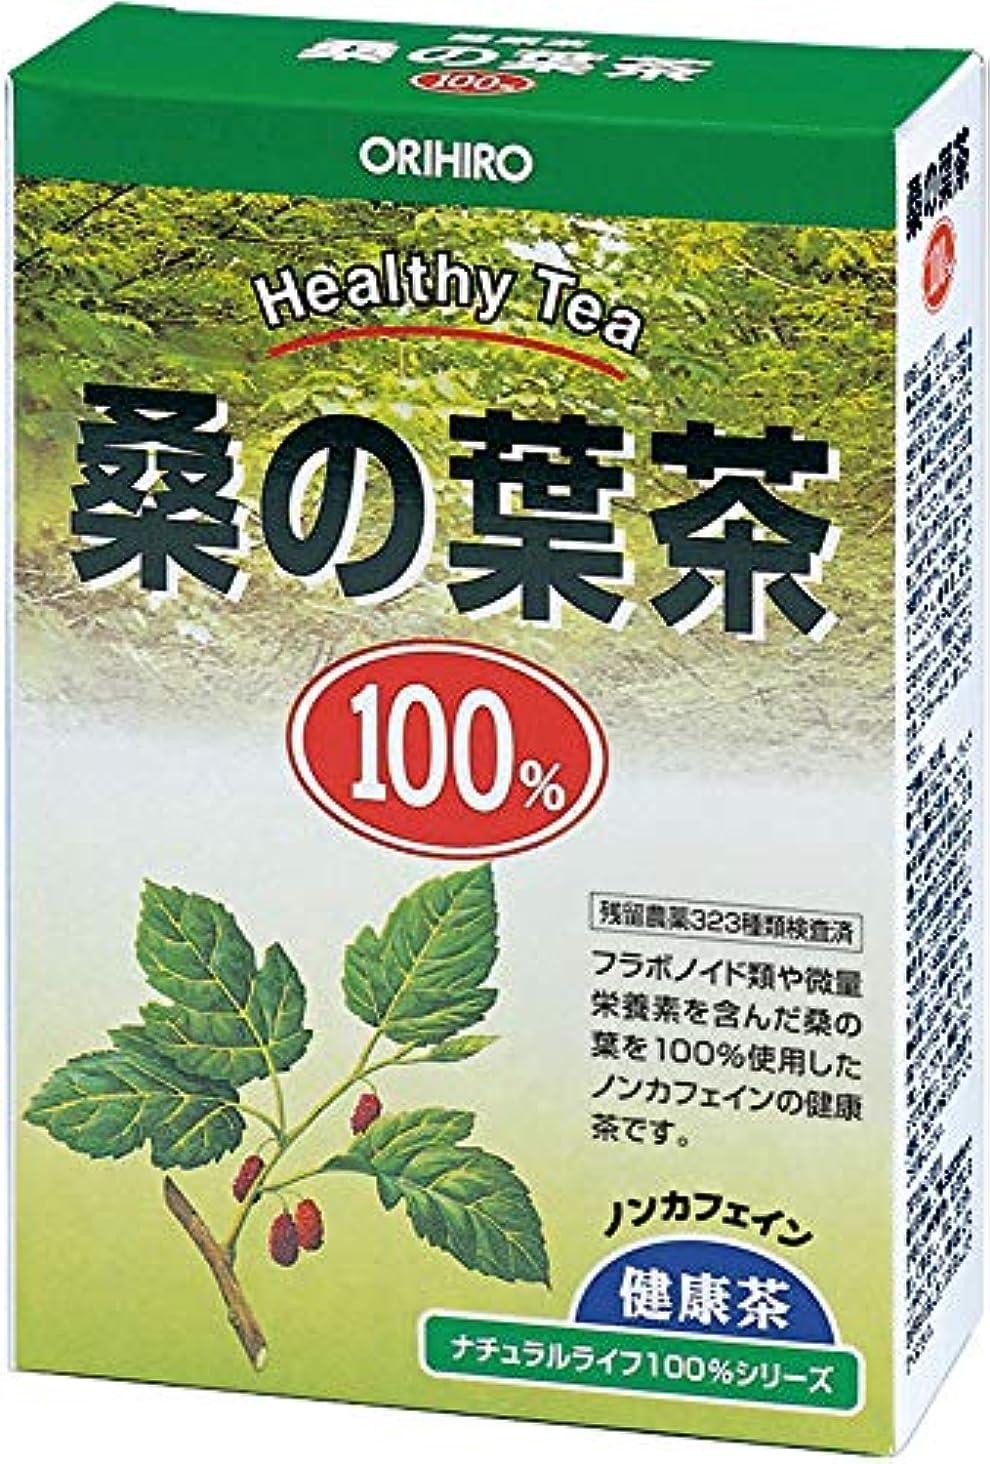 トークン新鮮な悲惨オリヒロ NLティー 100% 桑の葉茶